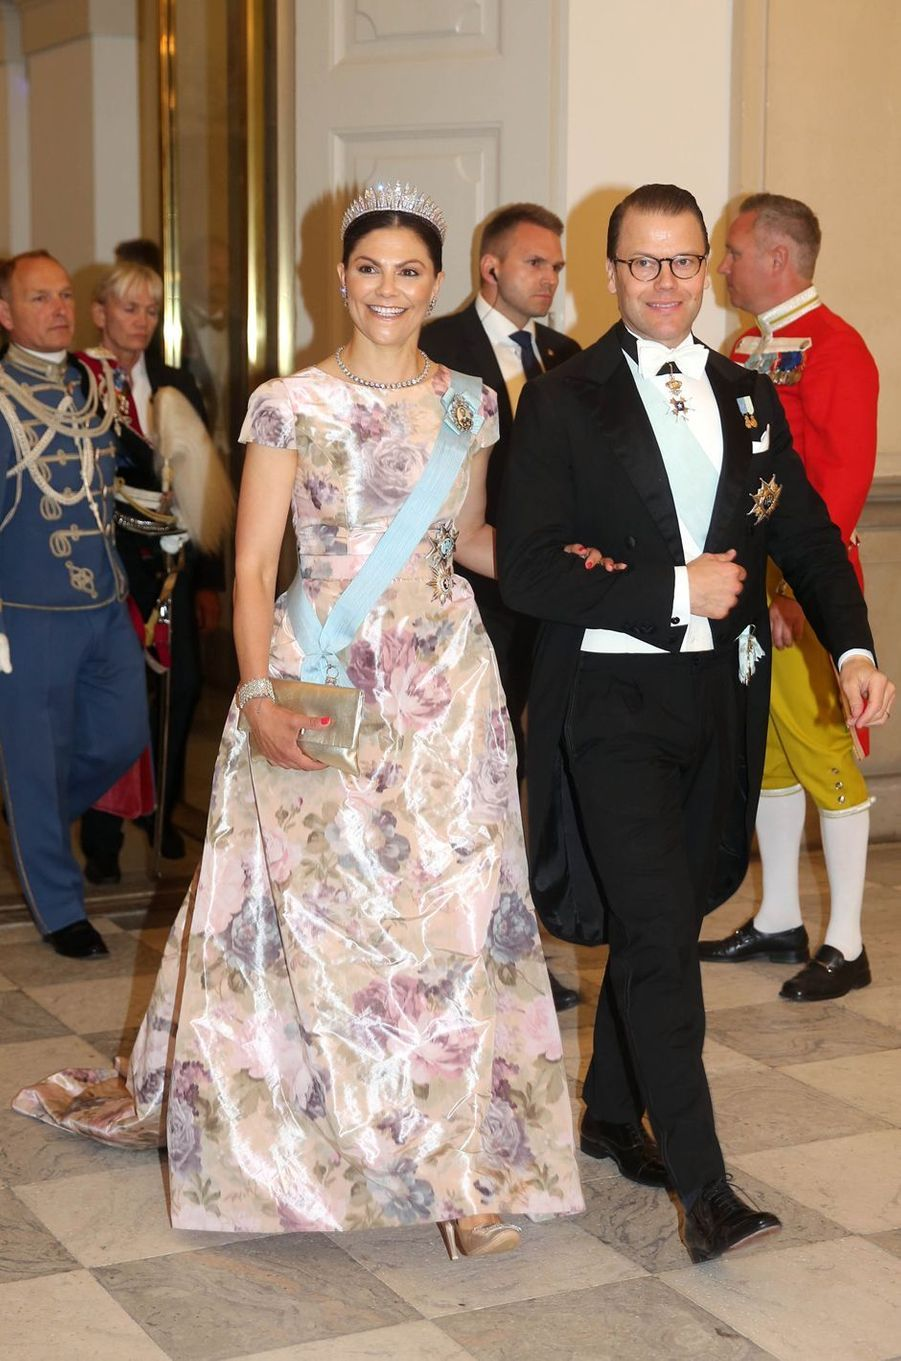 La princesse Victoria de Suède et le prince consort Daniel à Copenhague, le 26 mai 2018